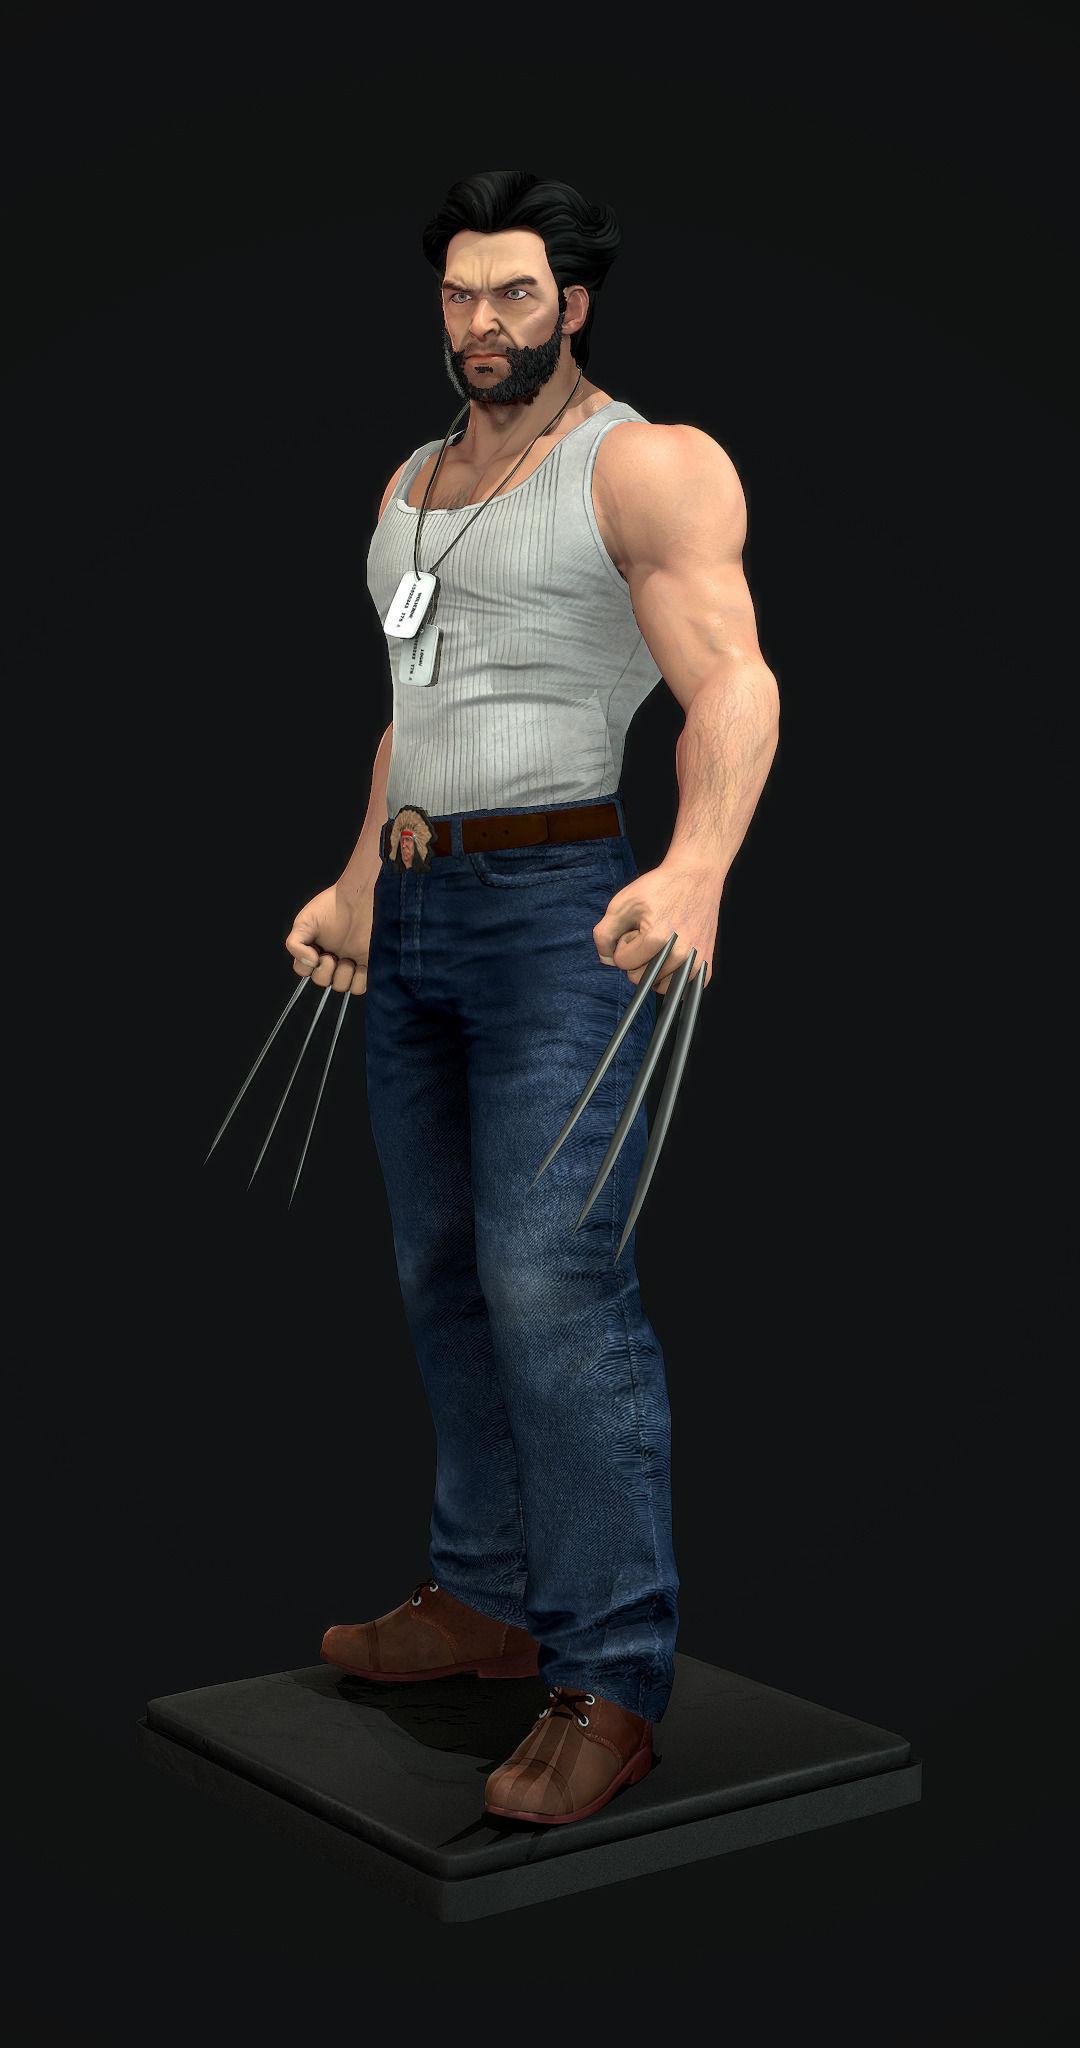 3d Models For Poser And Daz Studio: Wolverine 3D Model Game Ready .max .obj .fbx